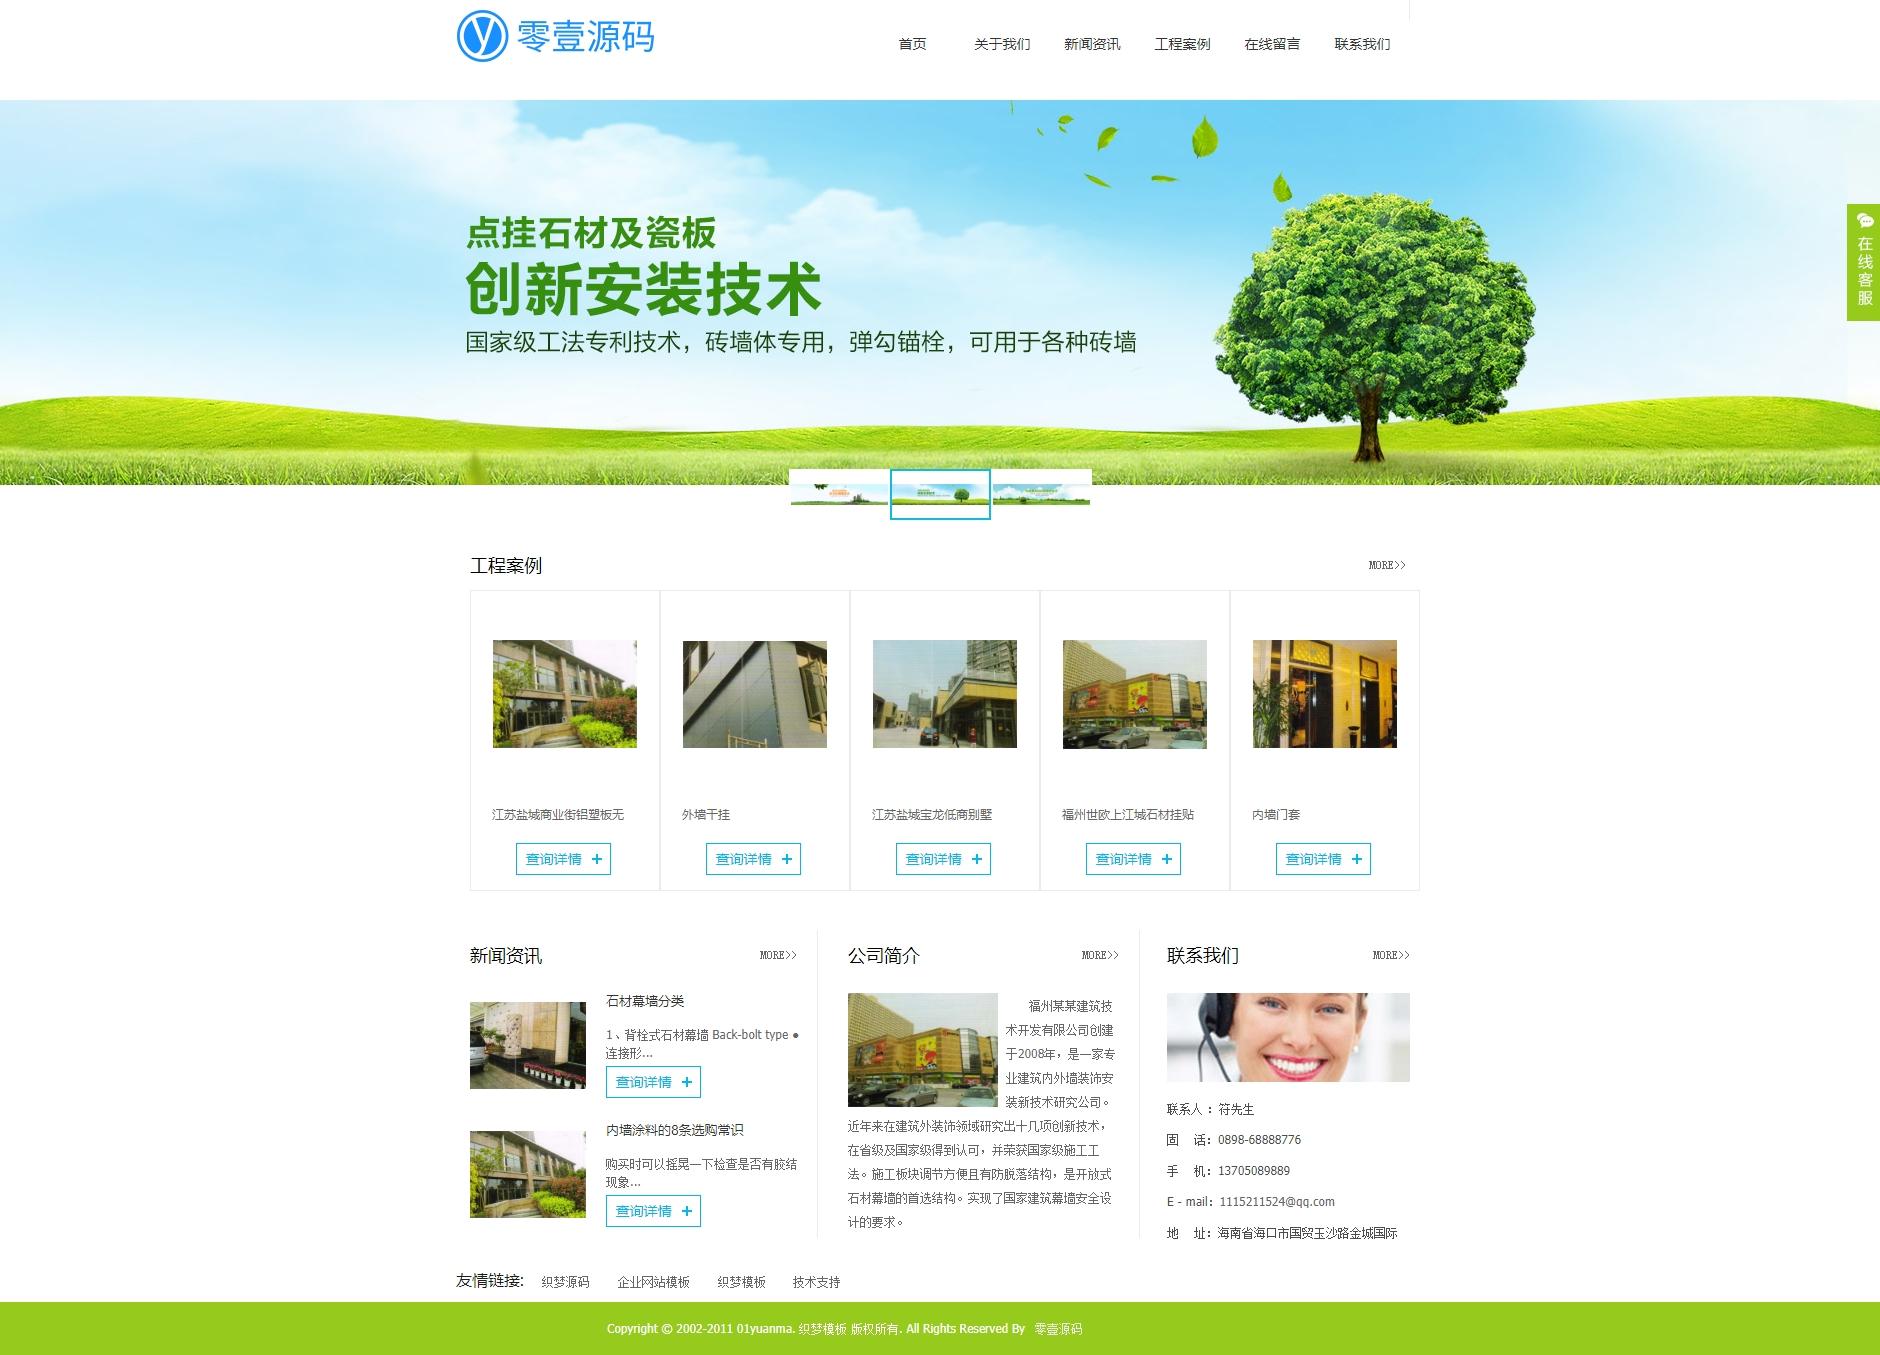 绿色装饰建筑类企业公司织梦dedecms模板